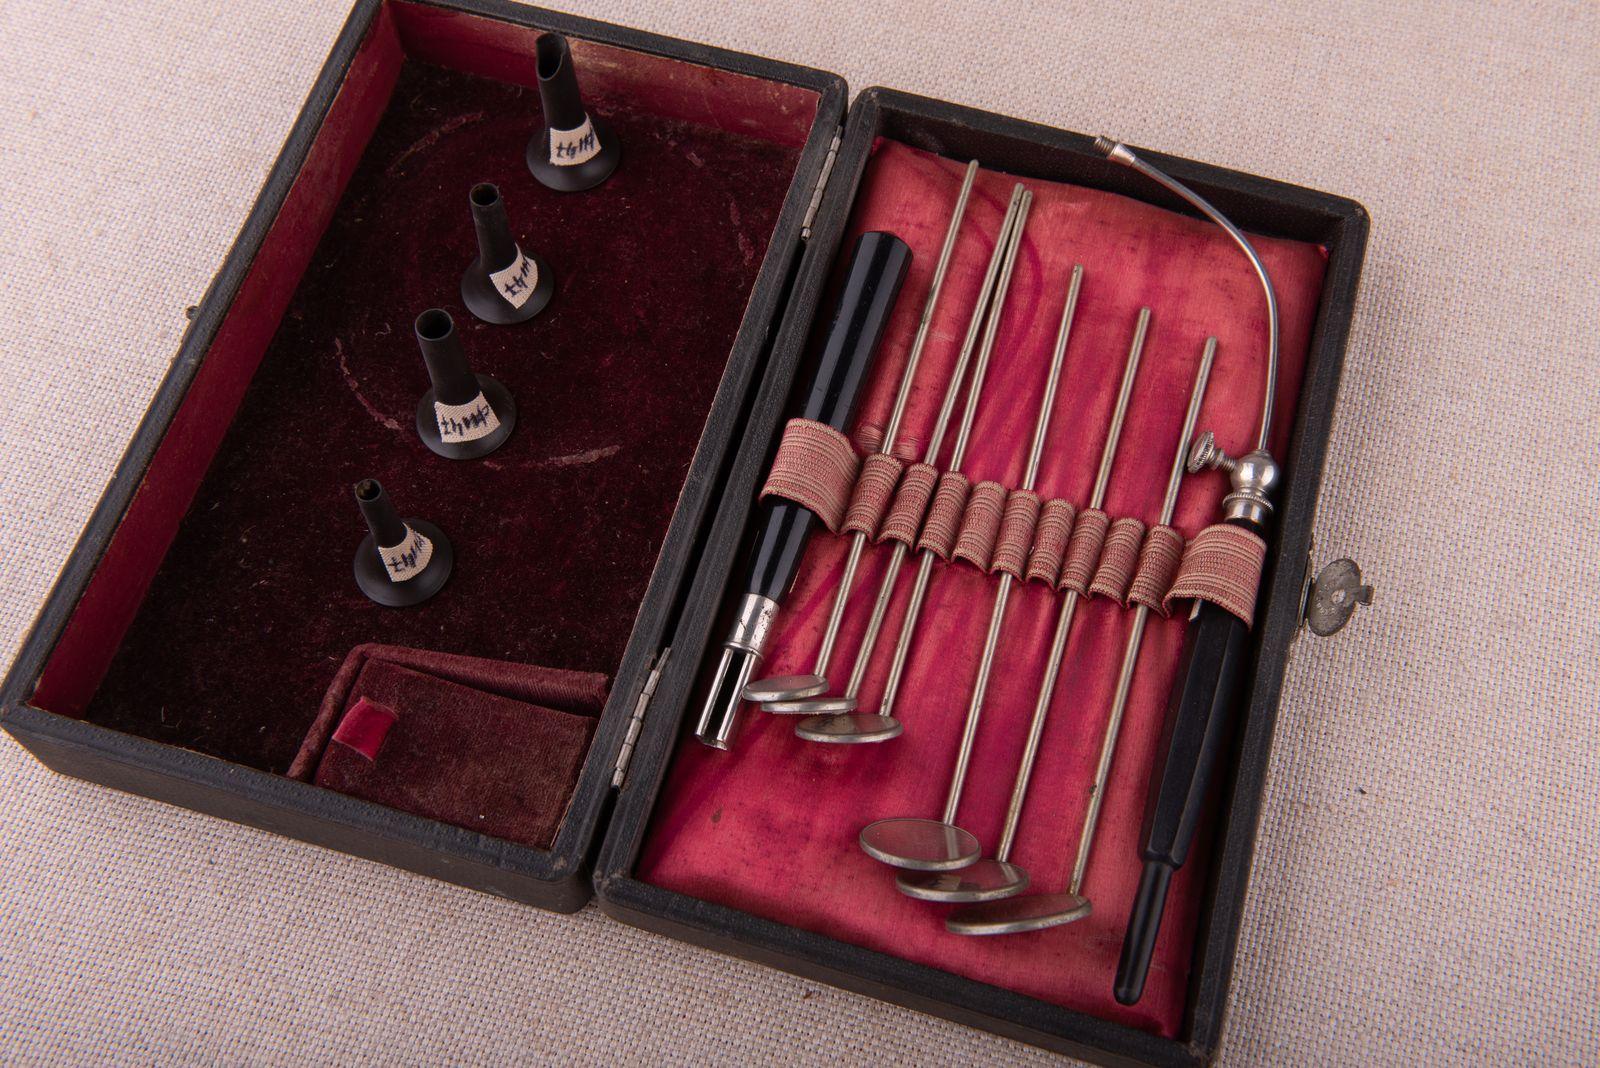 Muzei50_Ото-рино-ларингологичен комплект от началото на 20-ти век